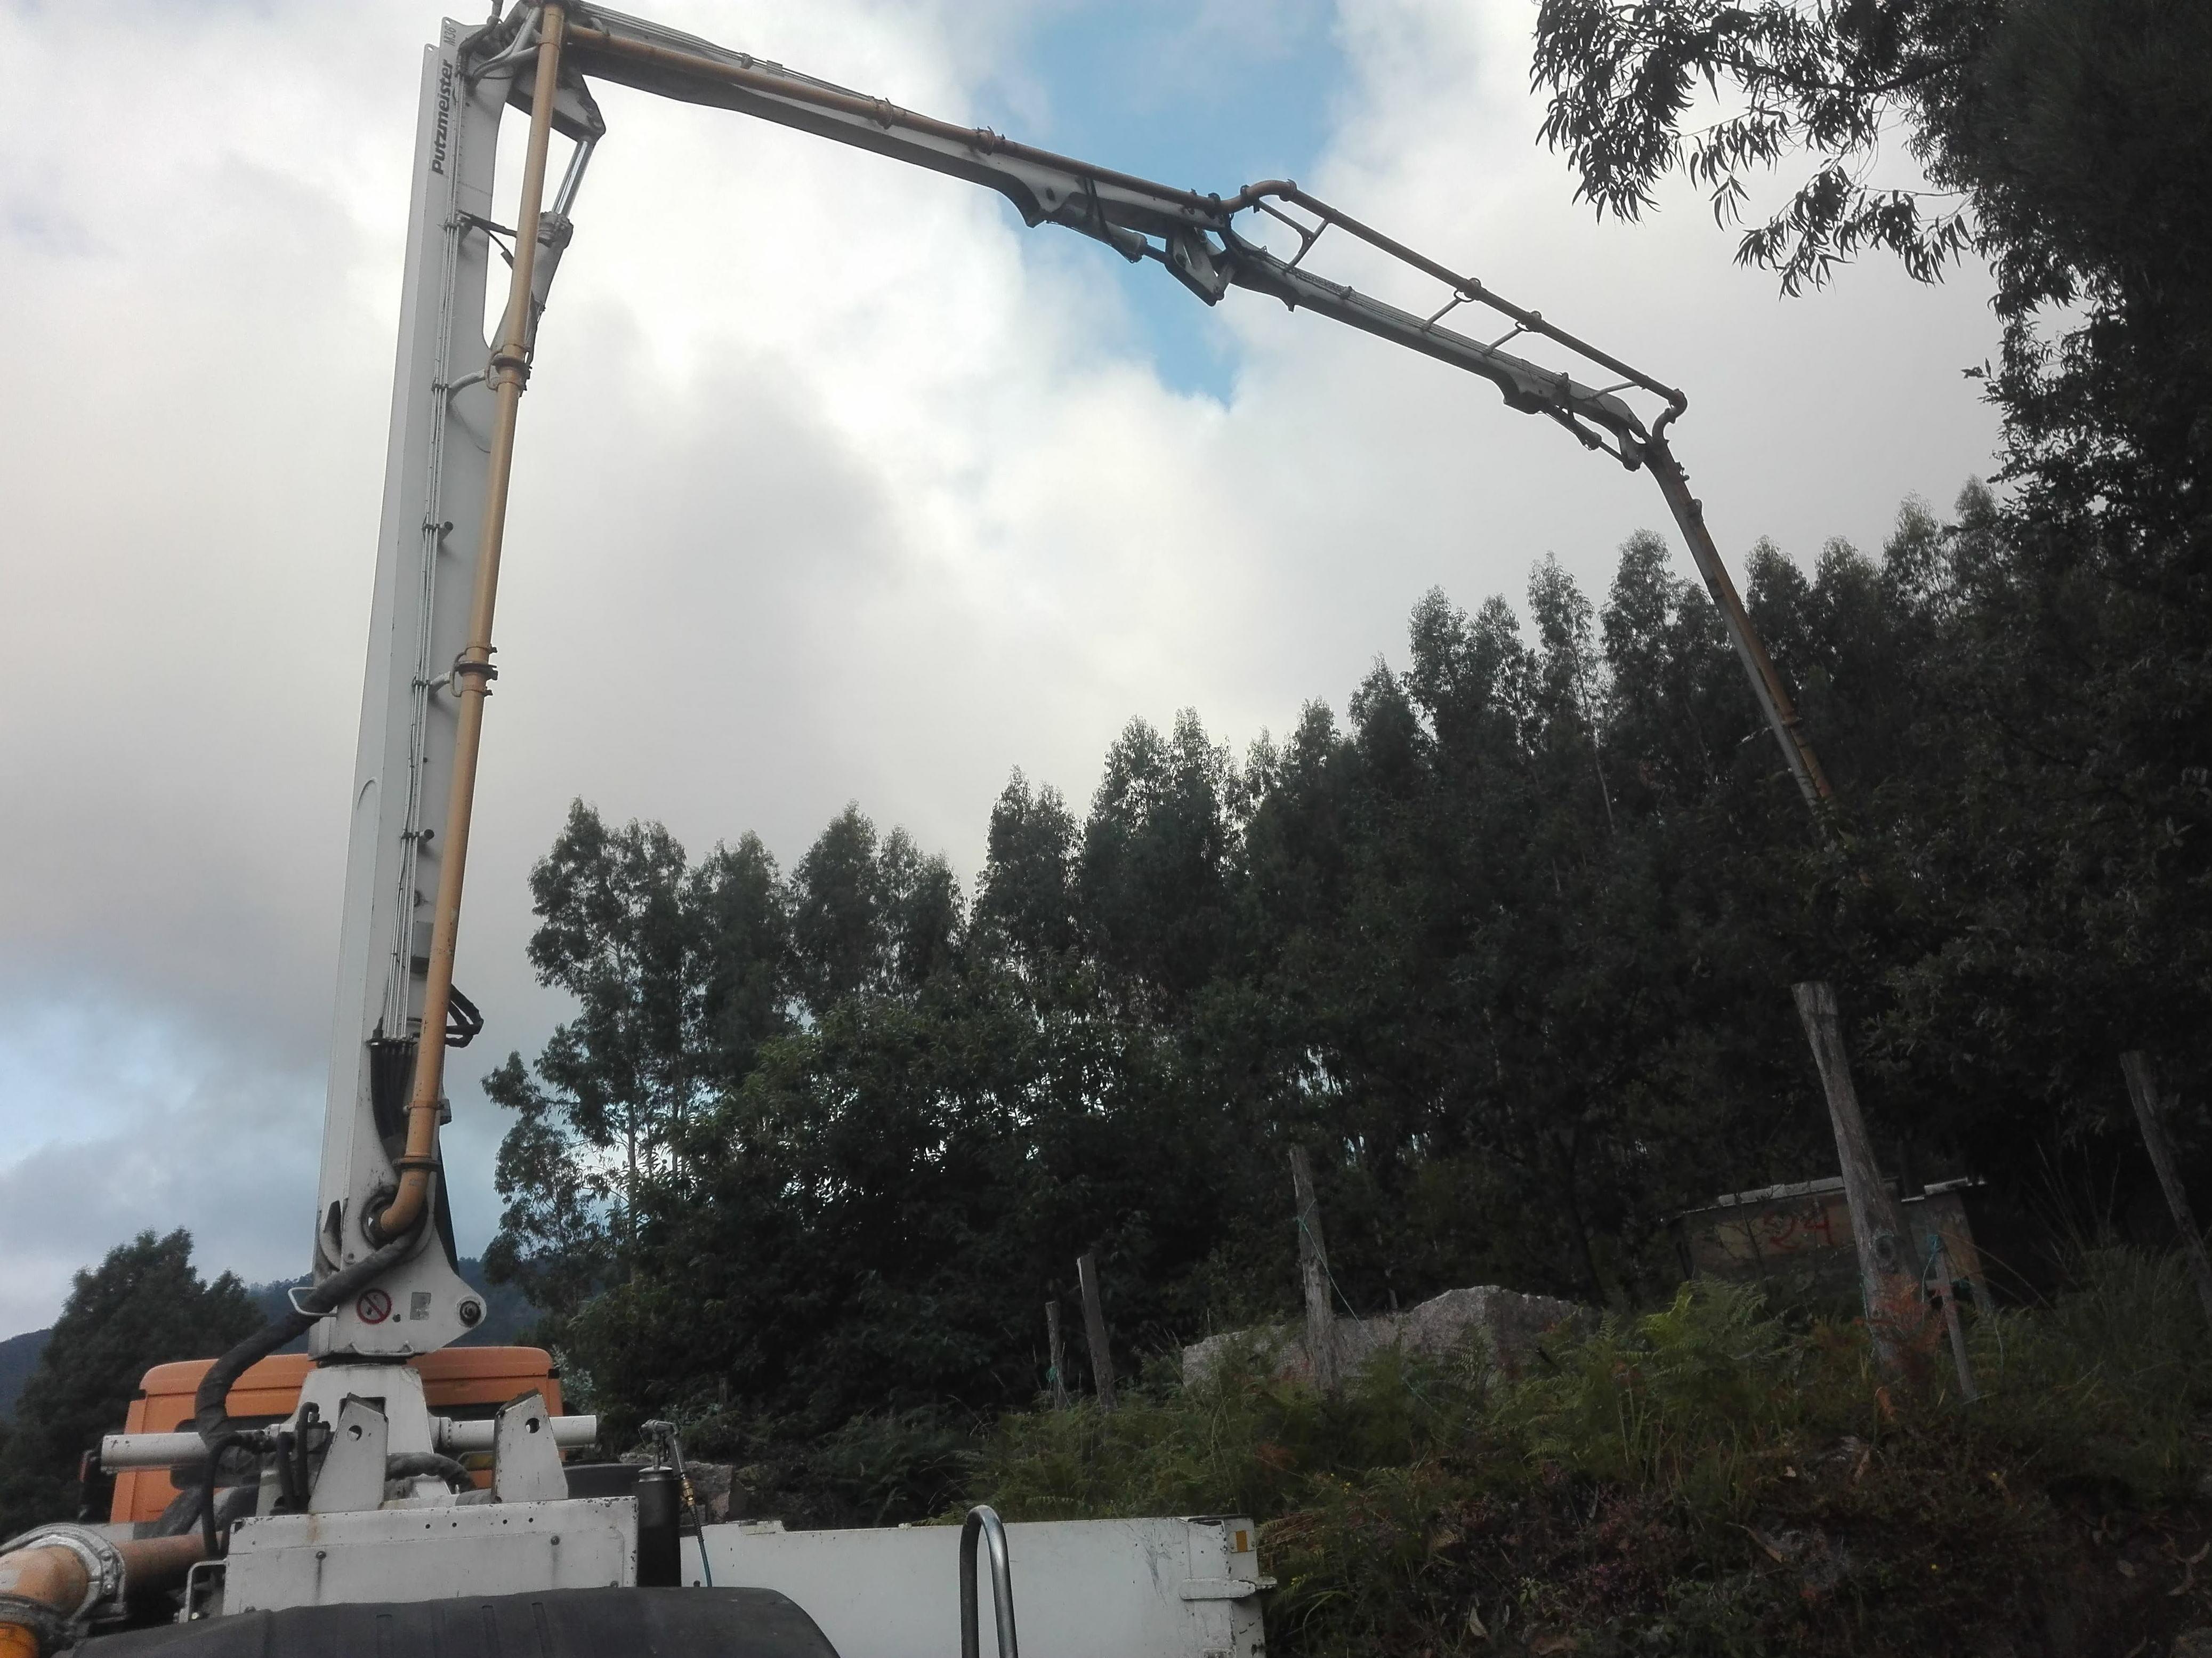 construcciones en terreno difícil acceso